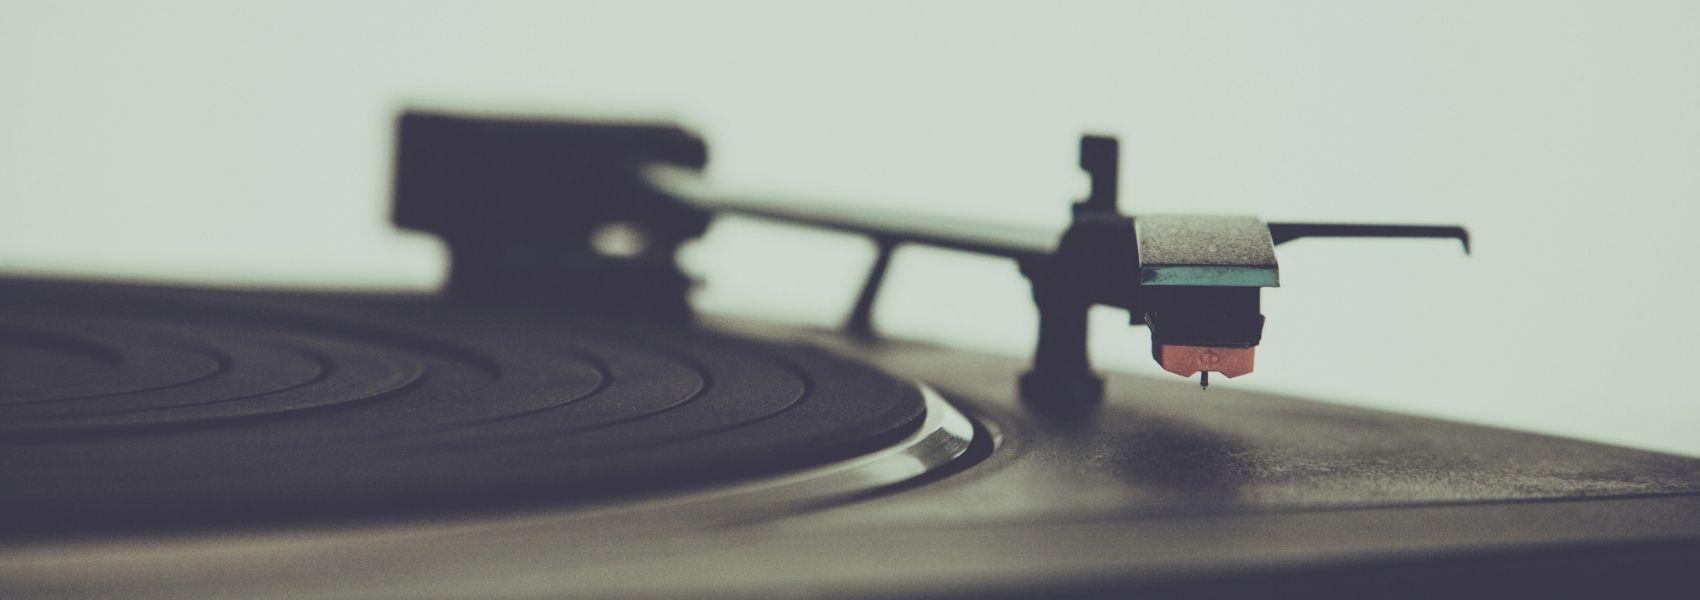 Ouvir música perto da hora de dormir atrapalha o sono, revela um estudo